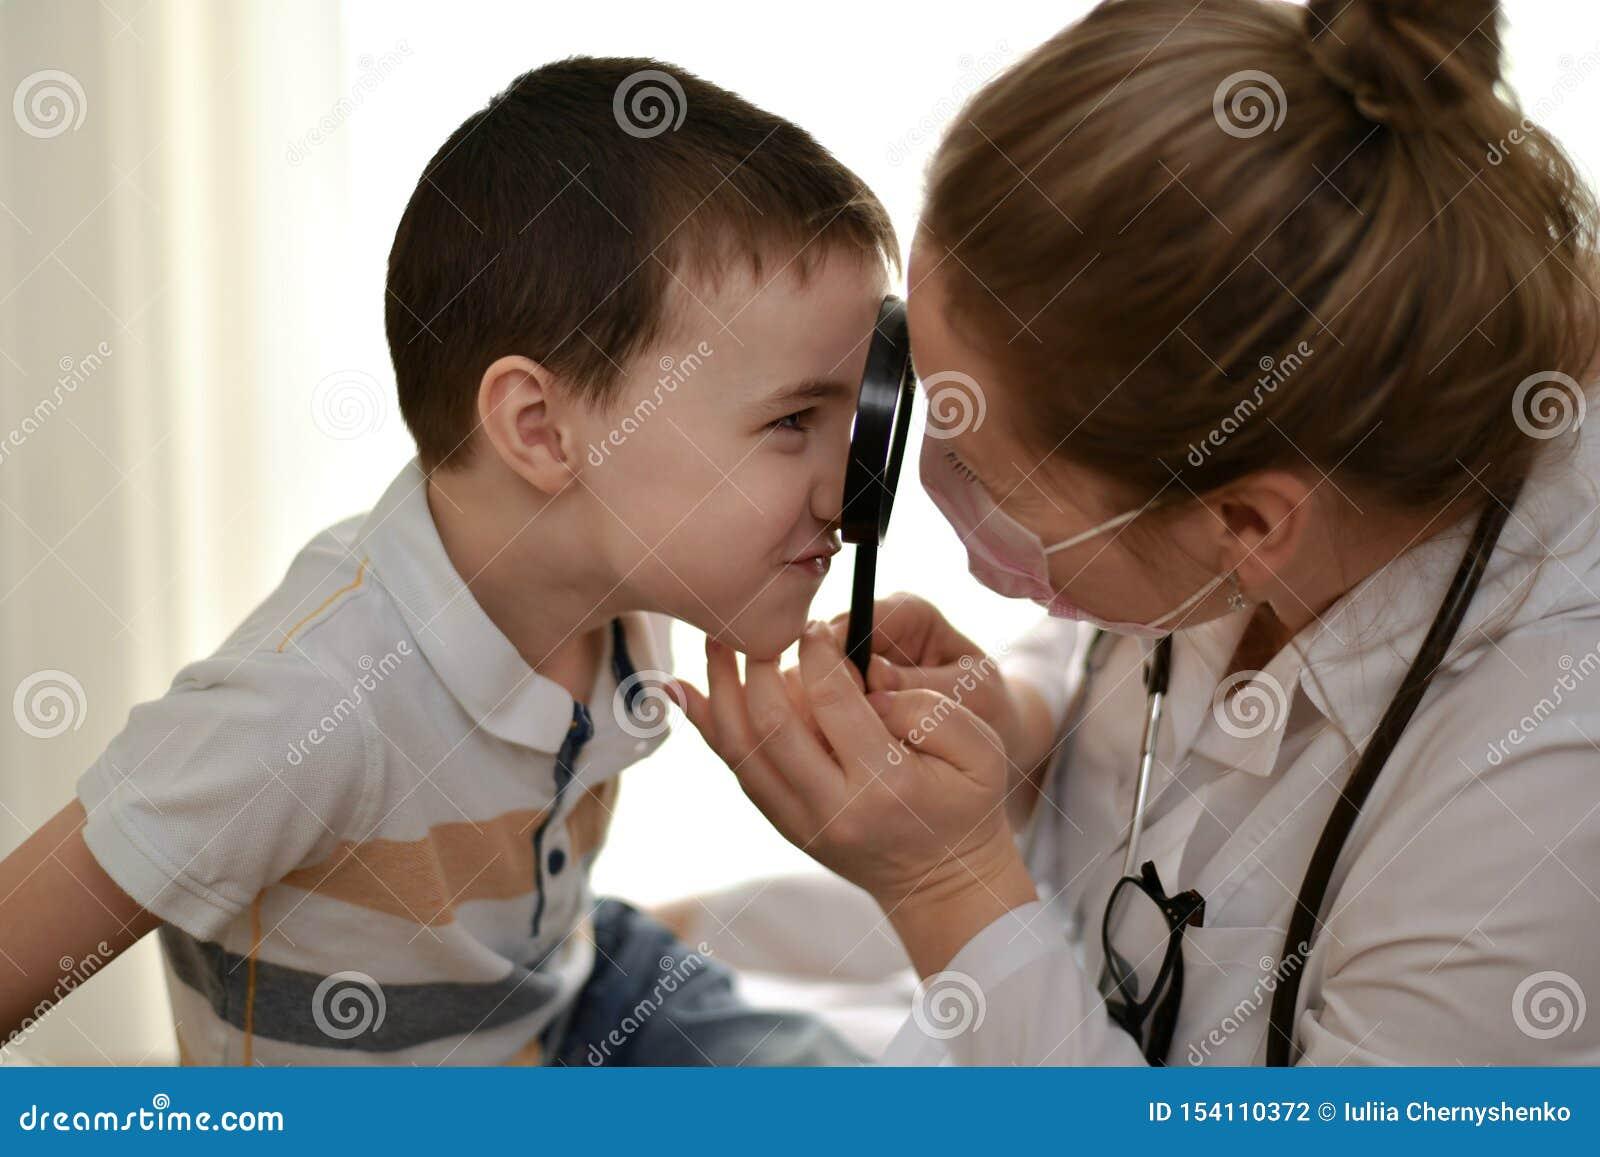 Das Kind und der Doktor einander betrachten